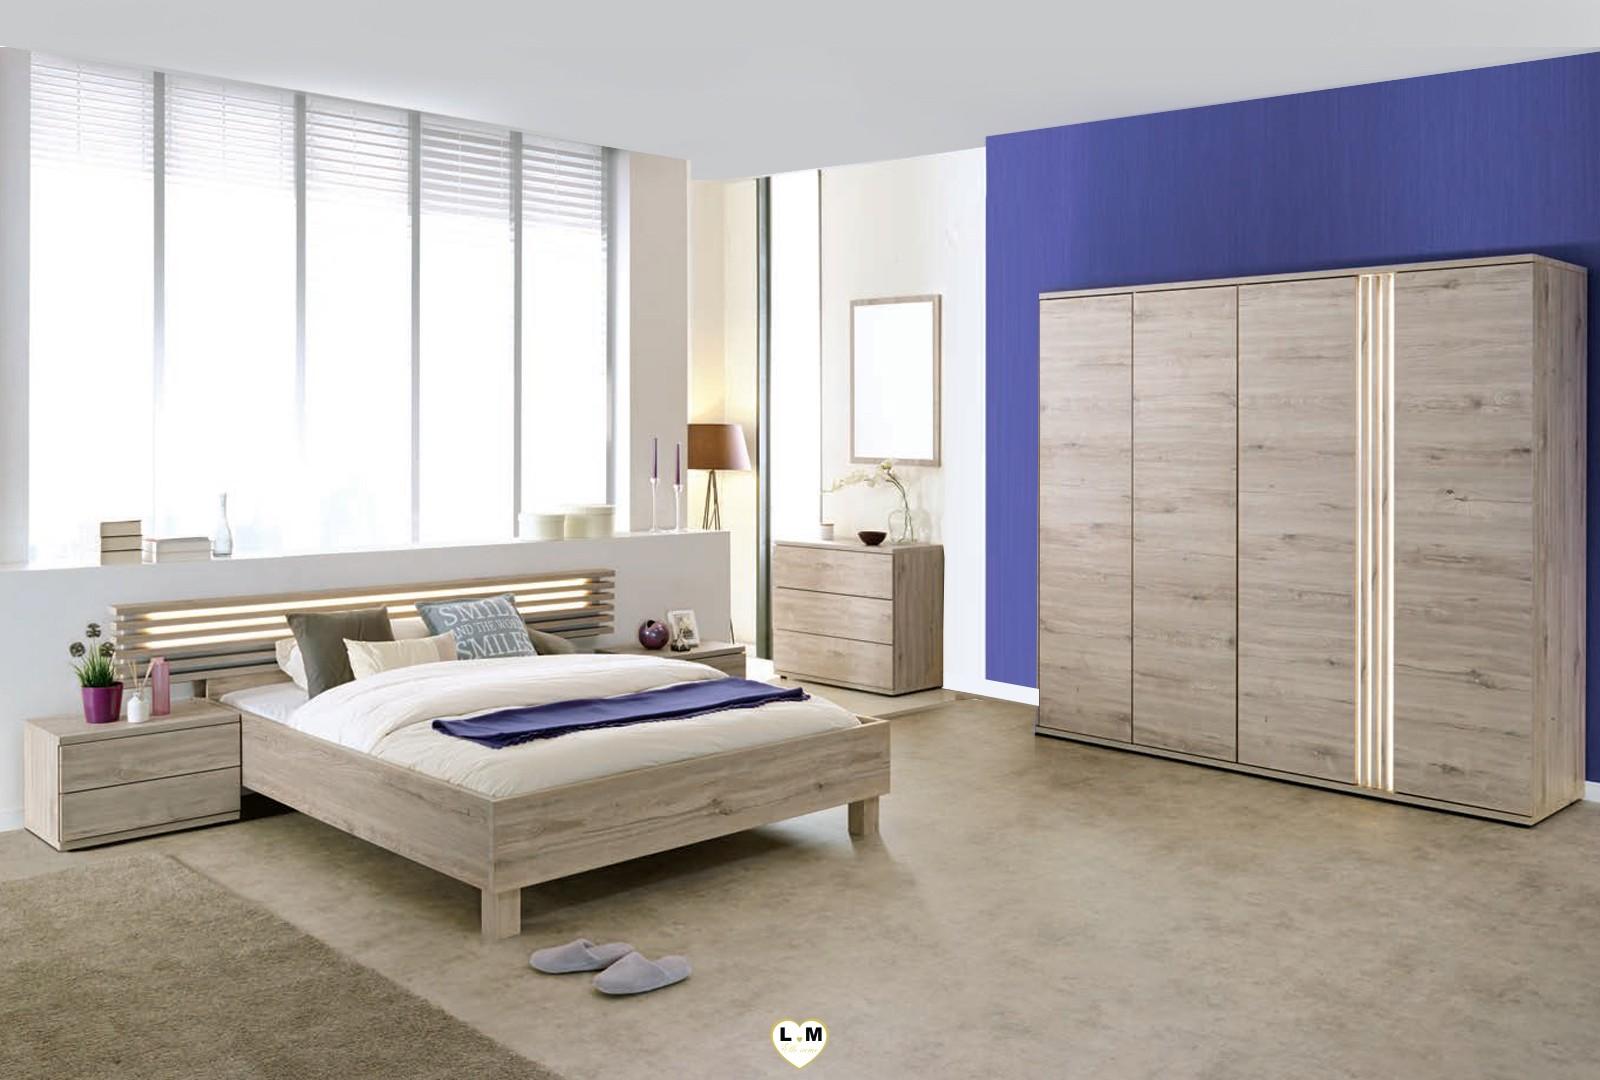 maddly bois chene gris clair ensemble chambre a coucher lignemeuble com. Black Bedroom Furniture Sets. Home Design Ideas